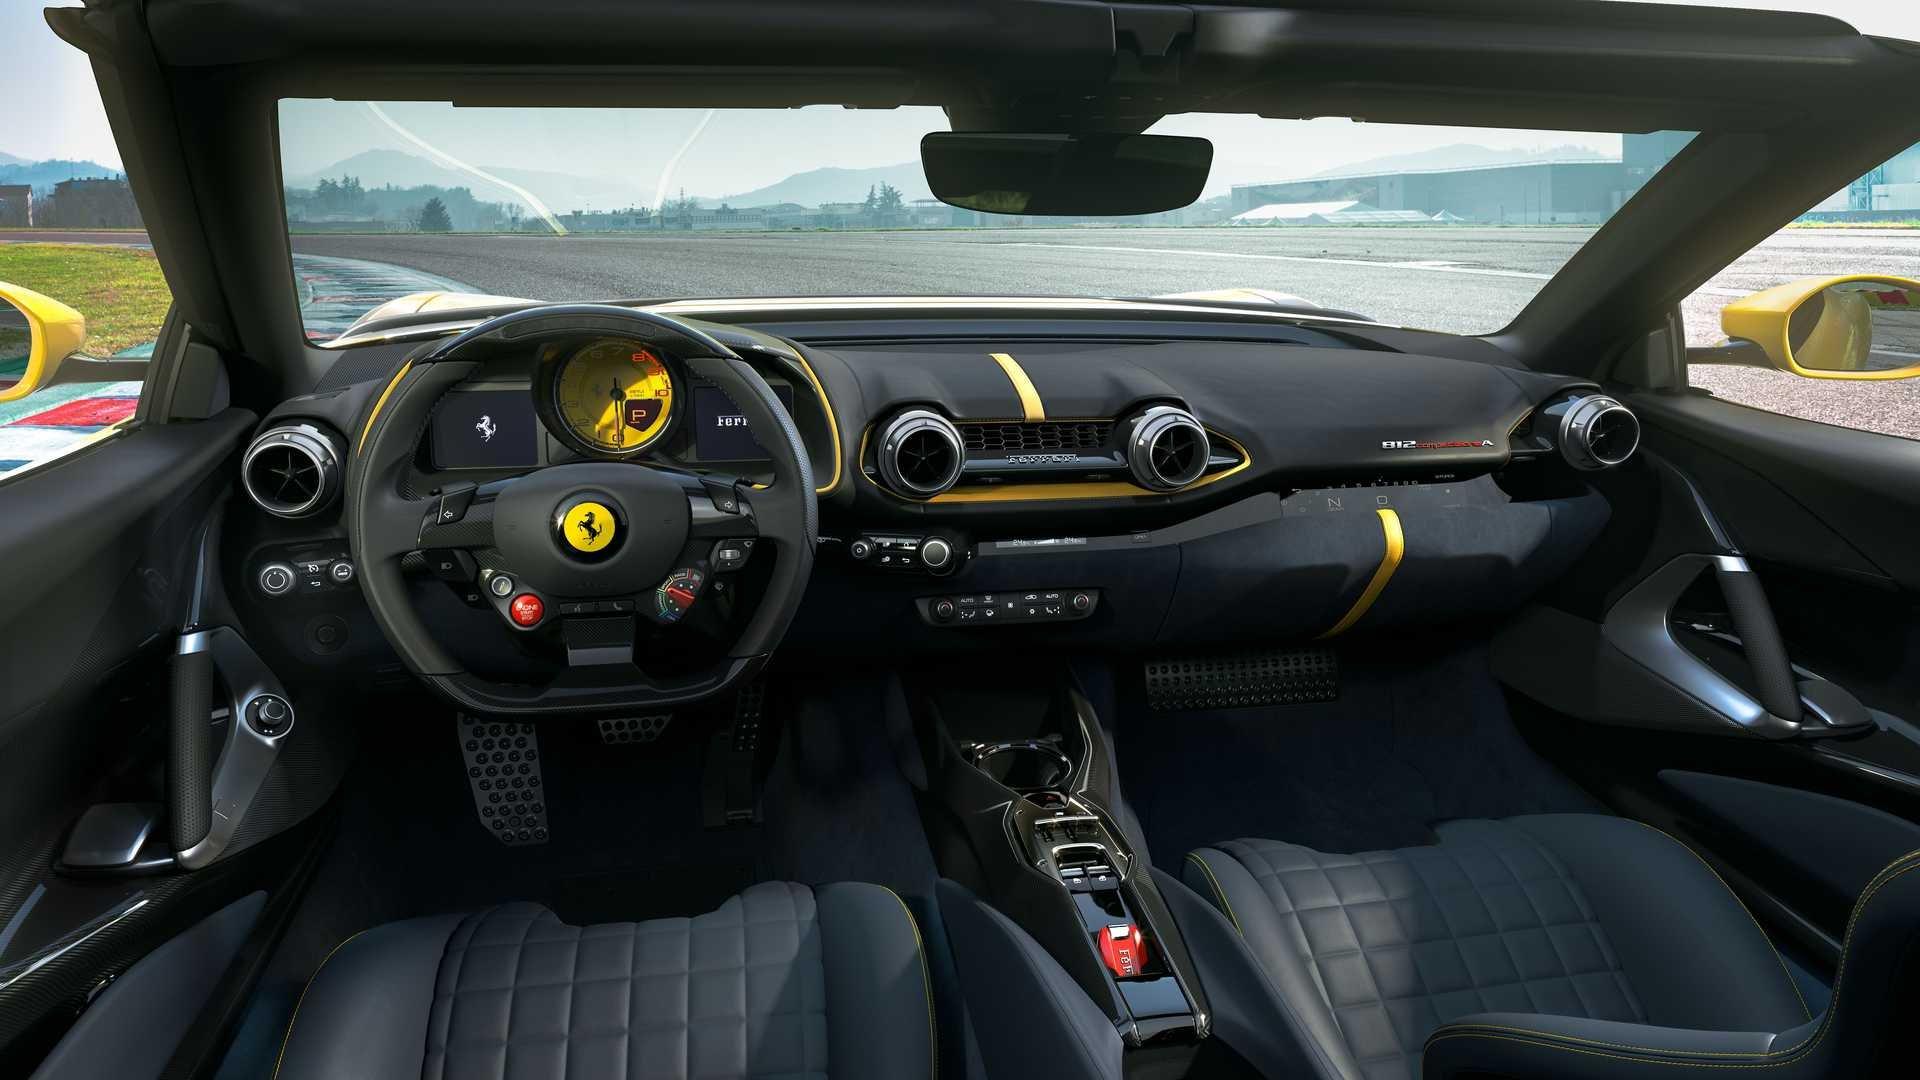 Ferrari представила свой самый мощный дорожный суперкар  2